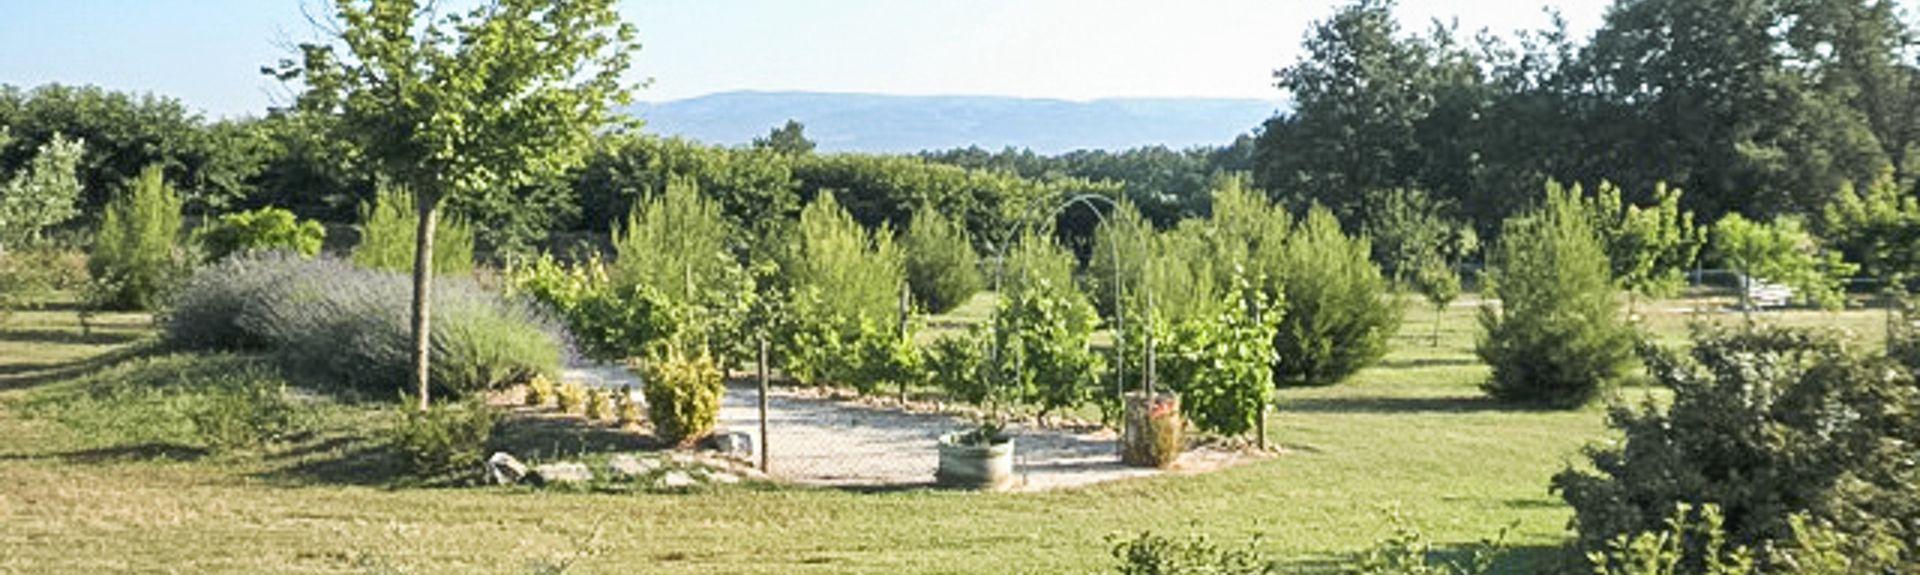 Lacoste, Provence-Alpes-Côte d'Azur, Frankreich